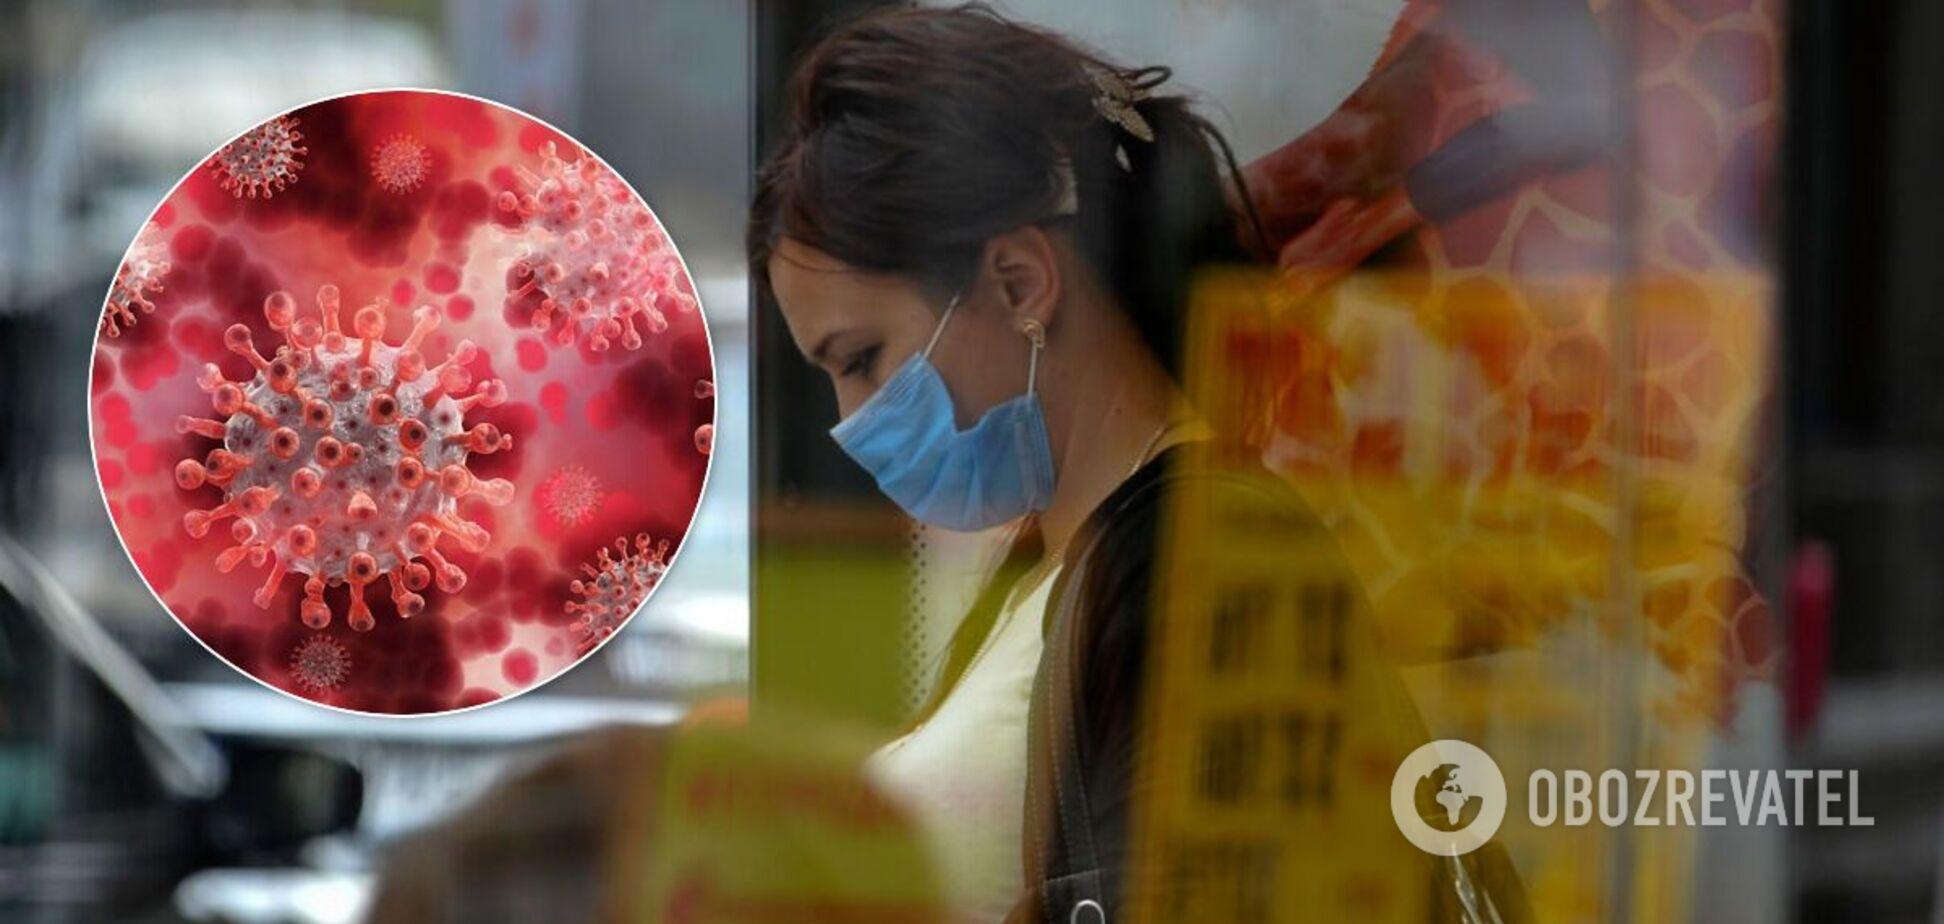 Епідемія коронавірусу в Україні не затихає